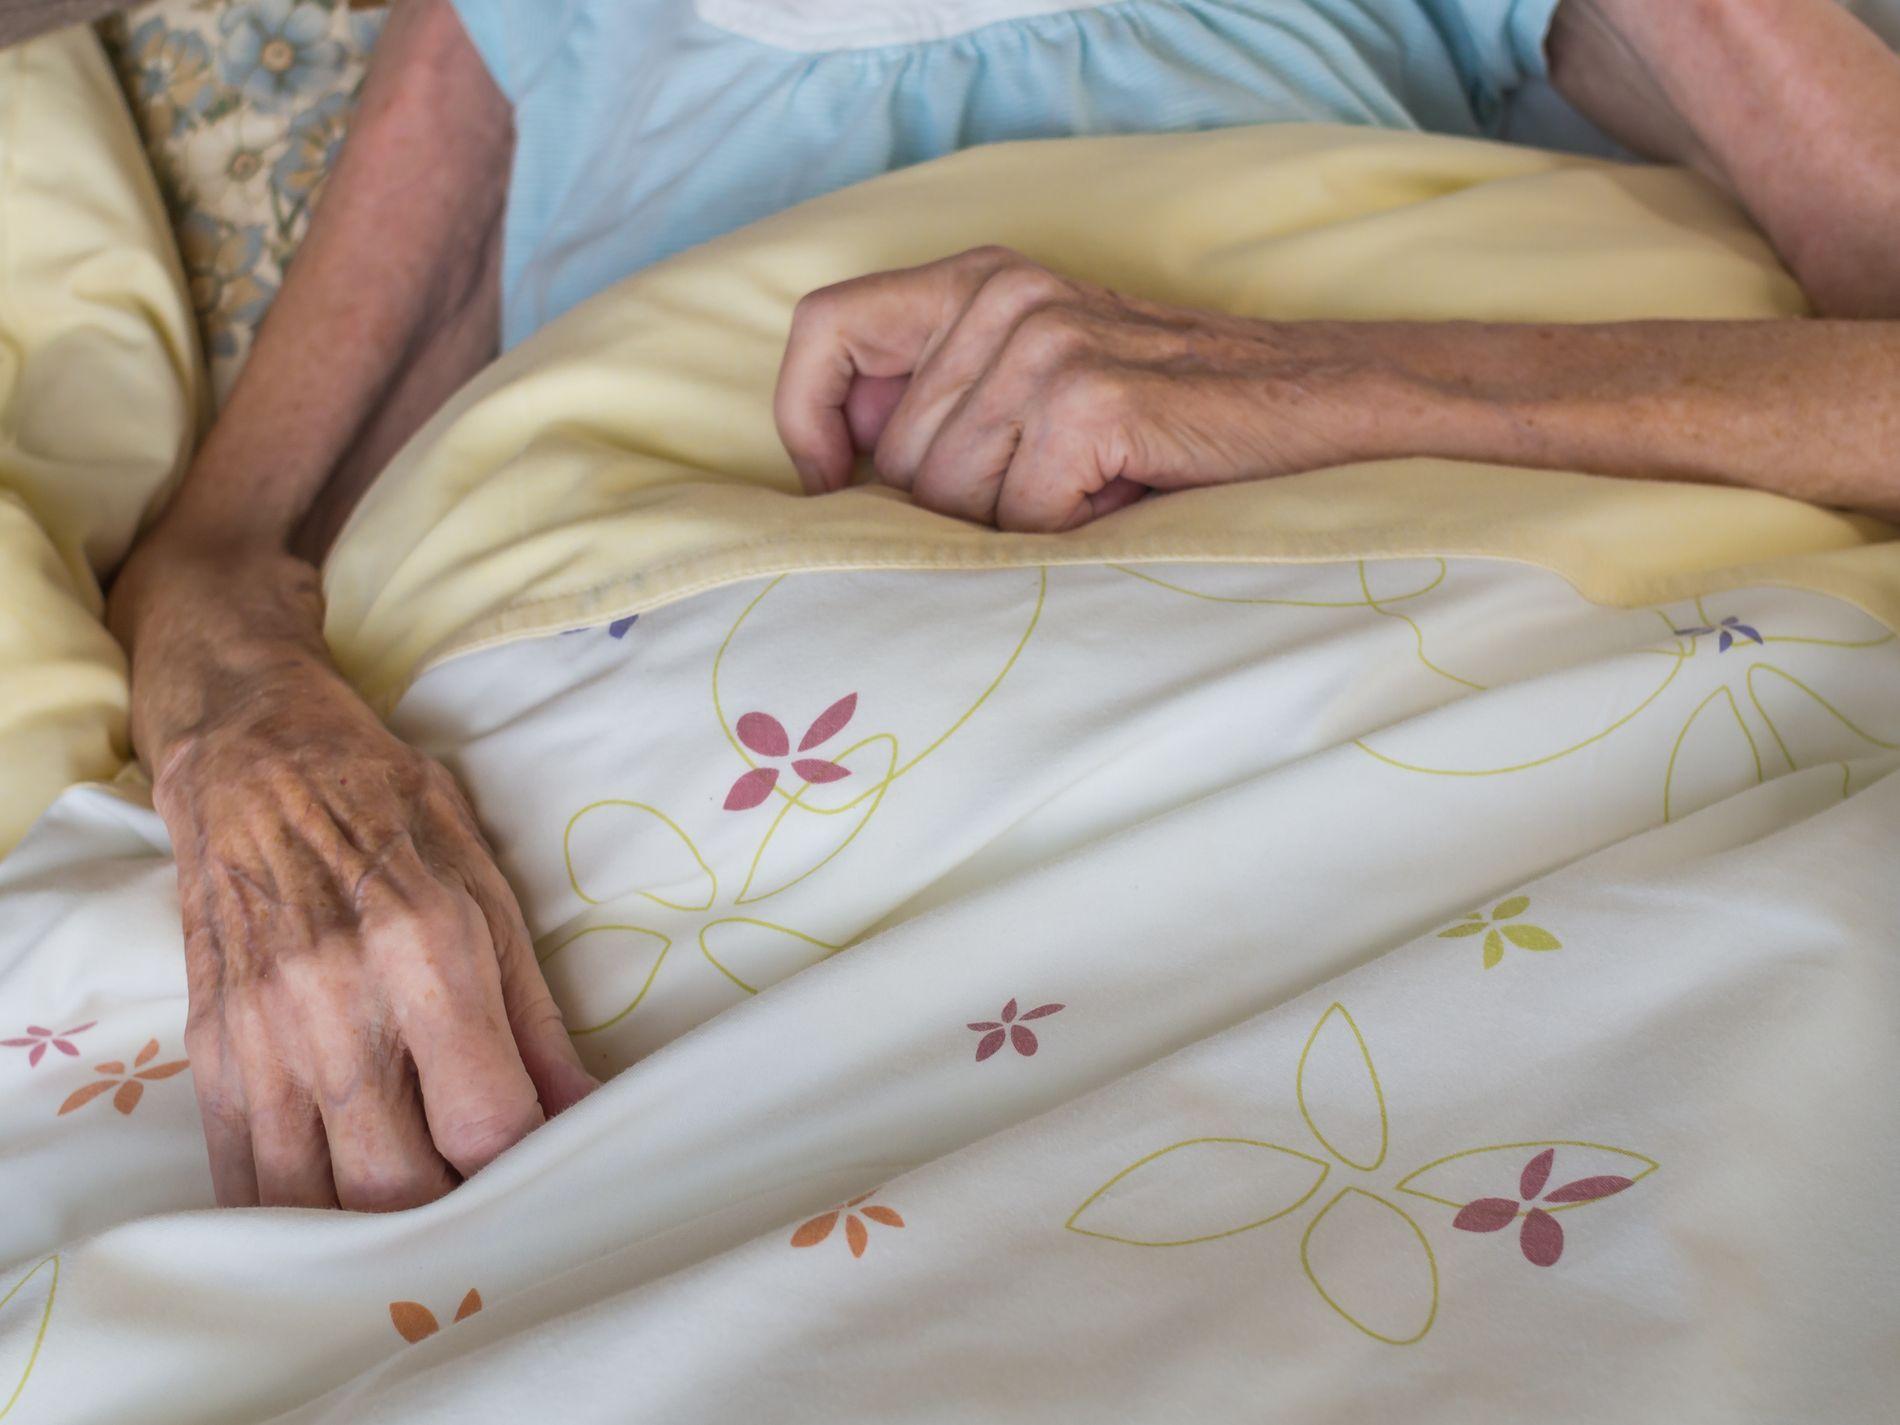 SISTE FASE: I dag dør nærmere halvparten av alle nordmenn på et sykehjem. Den viktigste årsaken til innleggelse er kognitiv svikt, derfor kan det være begrenset hvor mye den eldre selv kan gi uttrykk for ønsker om behandling ved livets slutt, mener Liv Wergeland Sørbye.